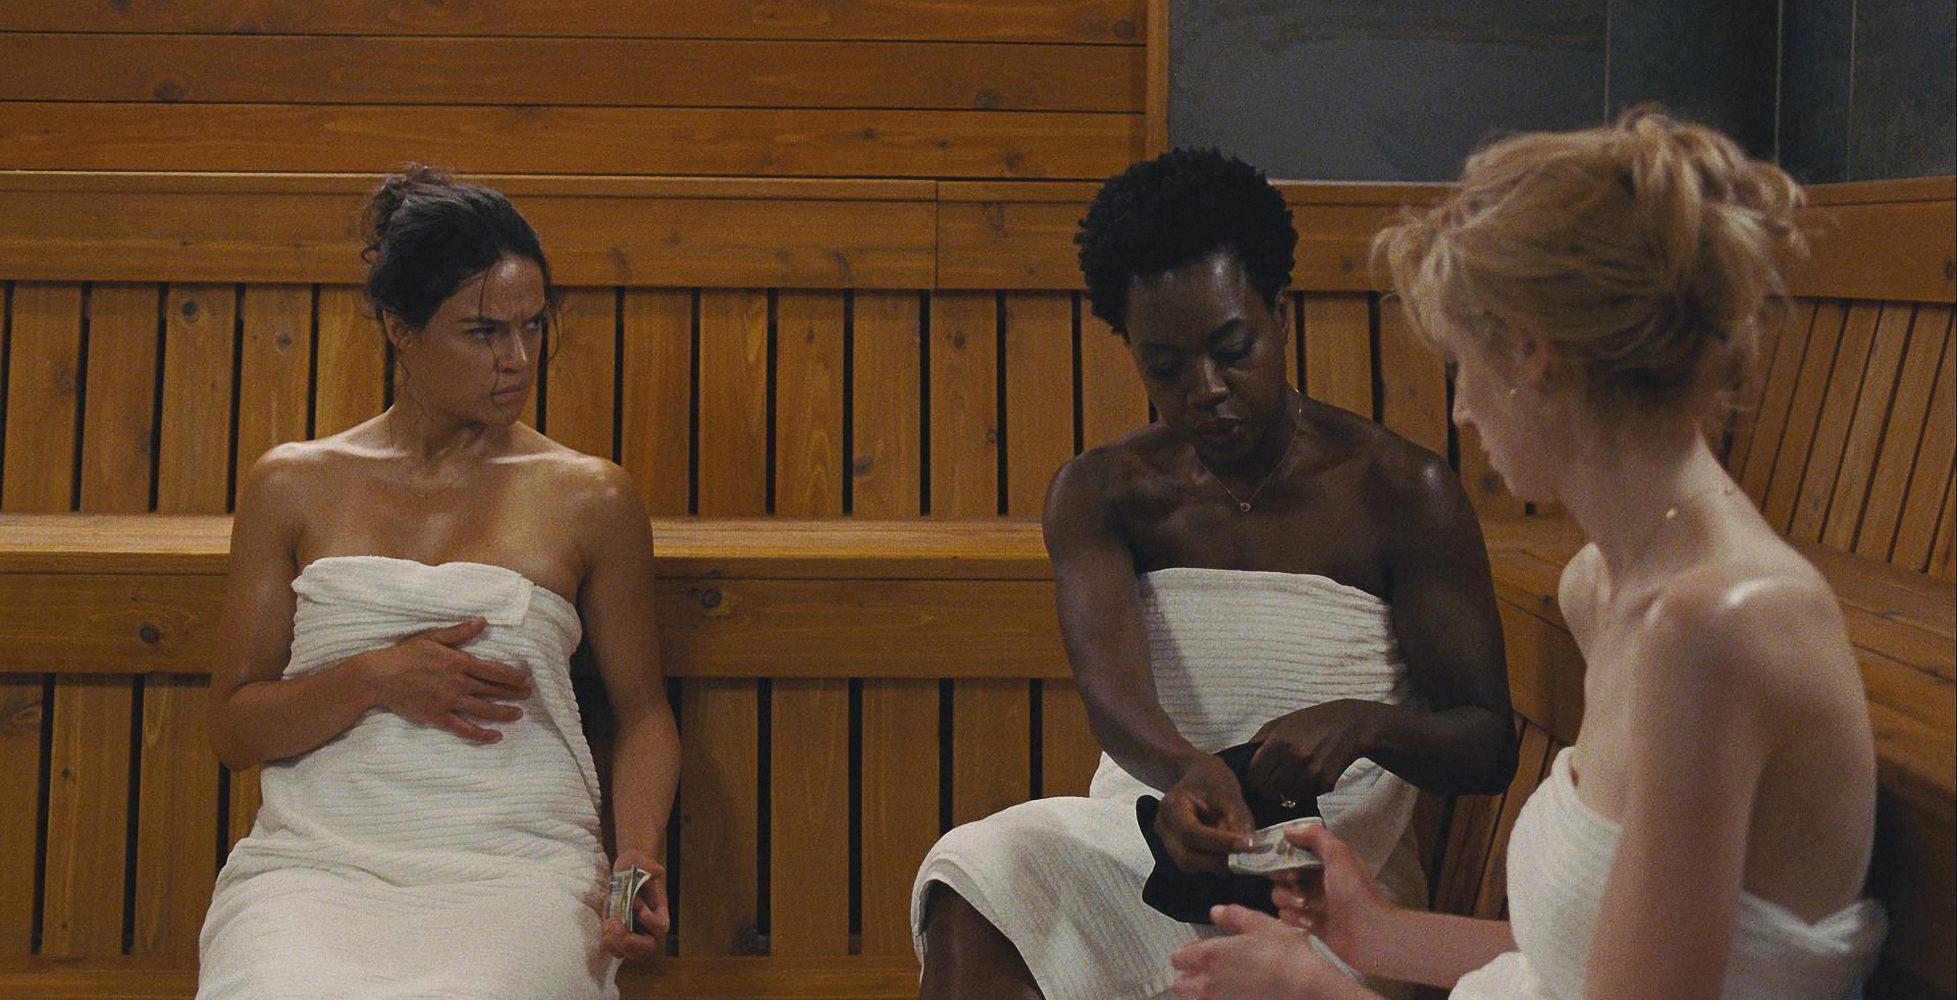 TRAILER: Michelle Rodriguez & Viola Davis Star in Action-Packed Heist Drama 'Widows'